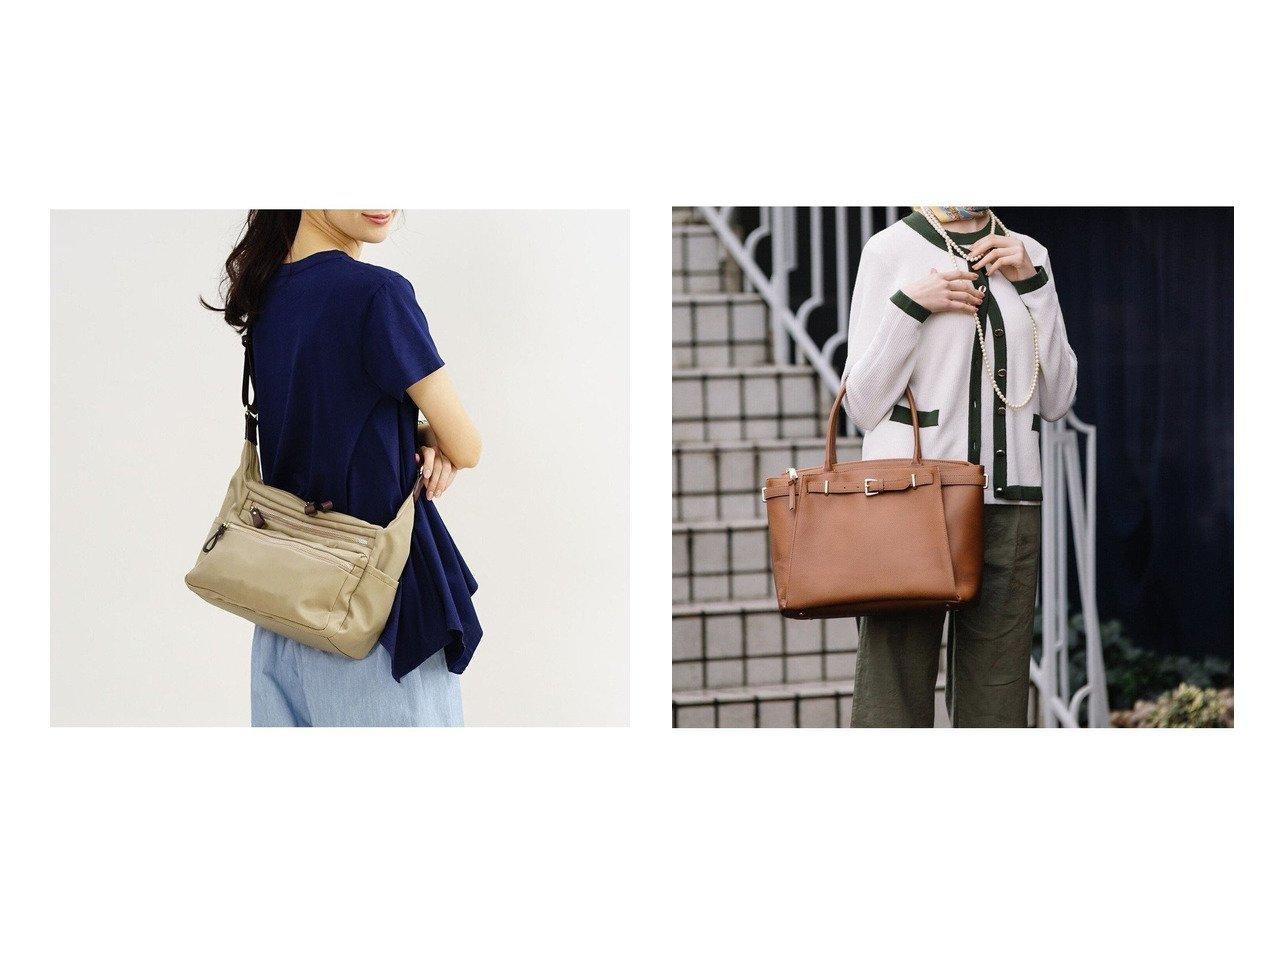 【UNBILLION/アンビリオン】のペルケ チェンジベルトA4トートバッグ&【SAC/サック】のダブルファスナー ナイロンショルダーバッグ SAC unit 【バッグ・鞄】おすすめ!人気、トレンド・レディースファッションの通販 おすすめで人気の流行・トレンド、ファッションの通販商品 メンズファッション・キッズファッション・インテリア・家具・レディースファッション・服の通販 founy(ファニー) https://founy.com/ ファッション Fashion レディースファッション WOMEN バッグ Bag ベルト Belts 軽量 ダブル ポケット 送料無料 Free Shipping おすすめ Recommend  ID:crp329100000033057